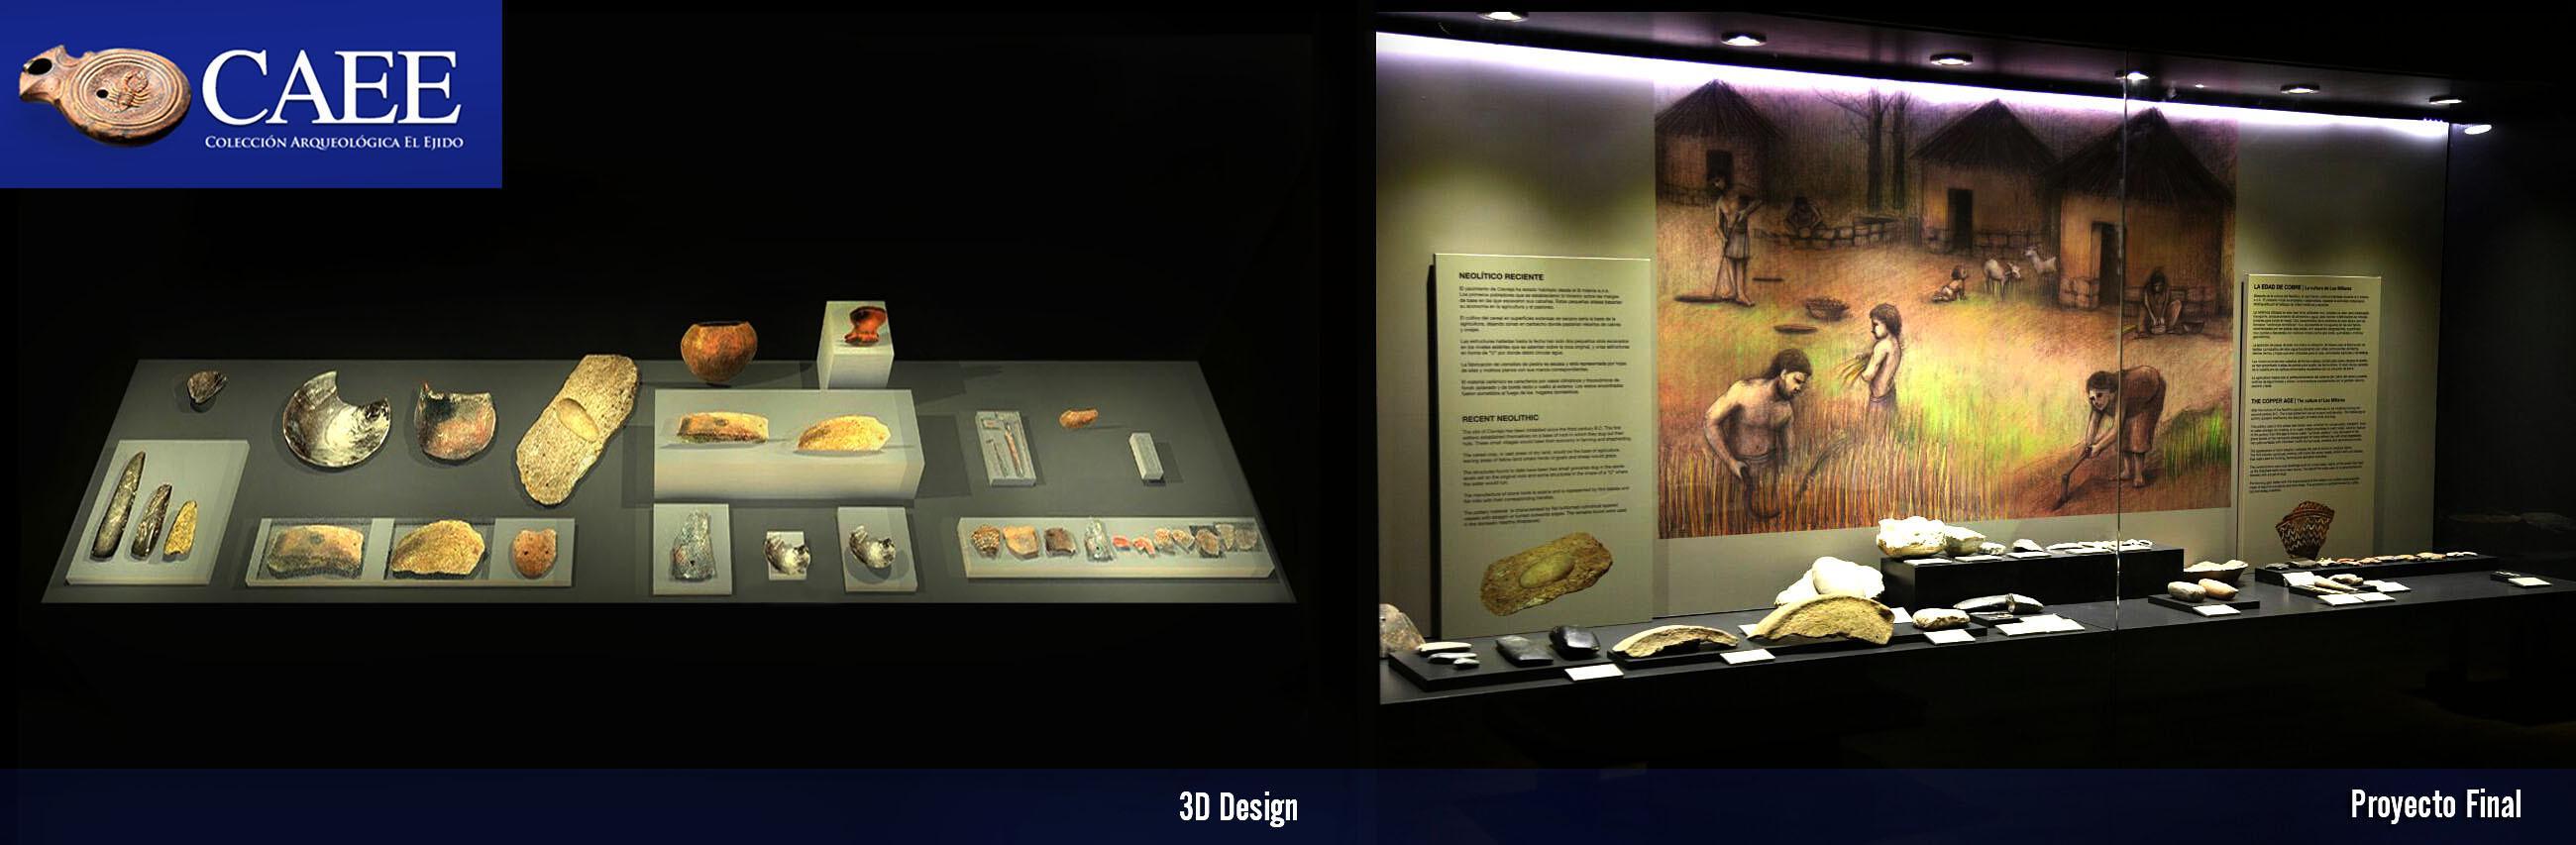 Diseño Gráfico Expositivo 2D | 3D. CAEE | Colección Arqueológica de El Ejido.